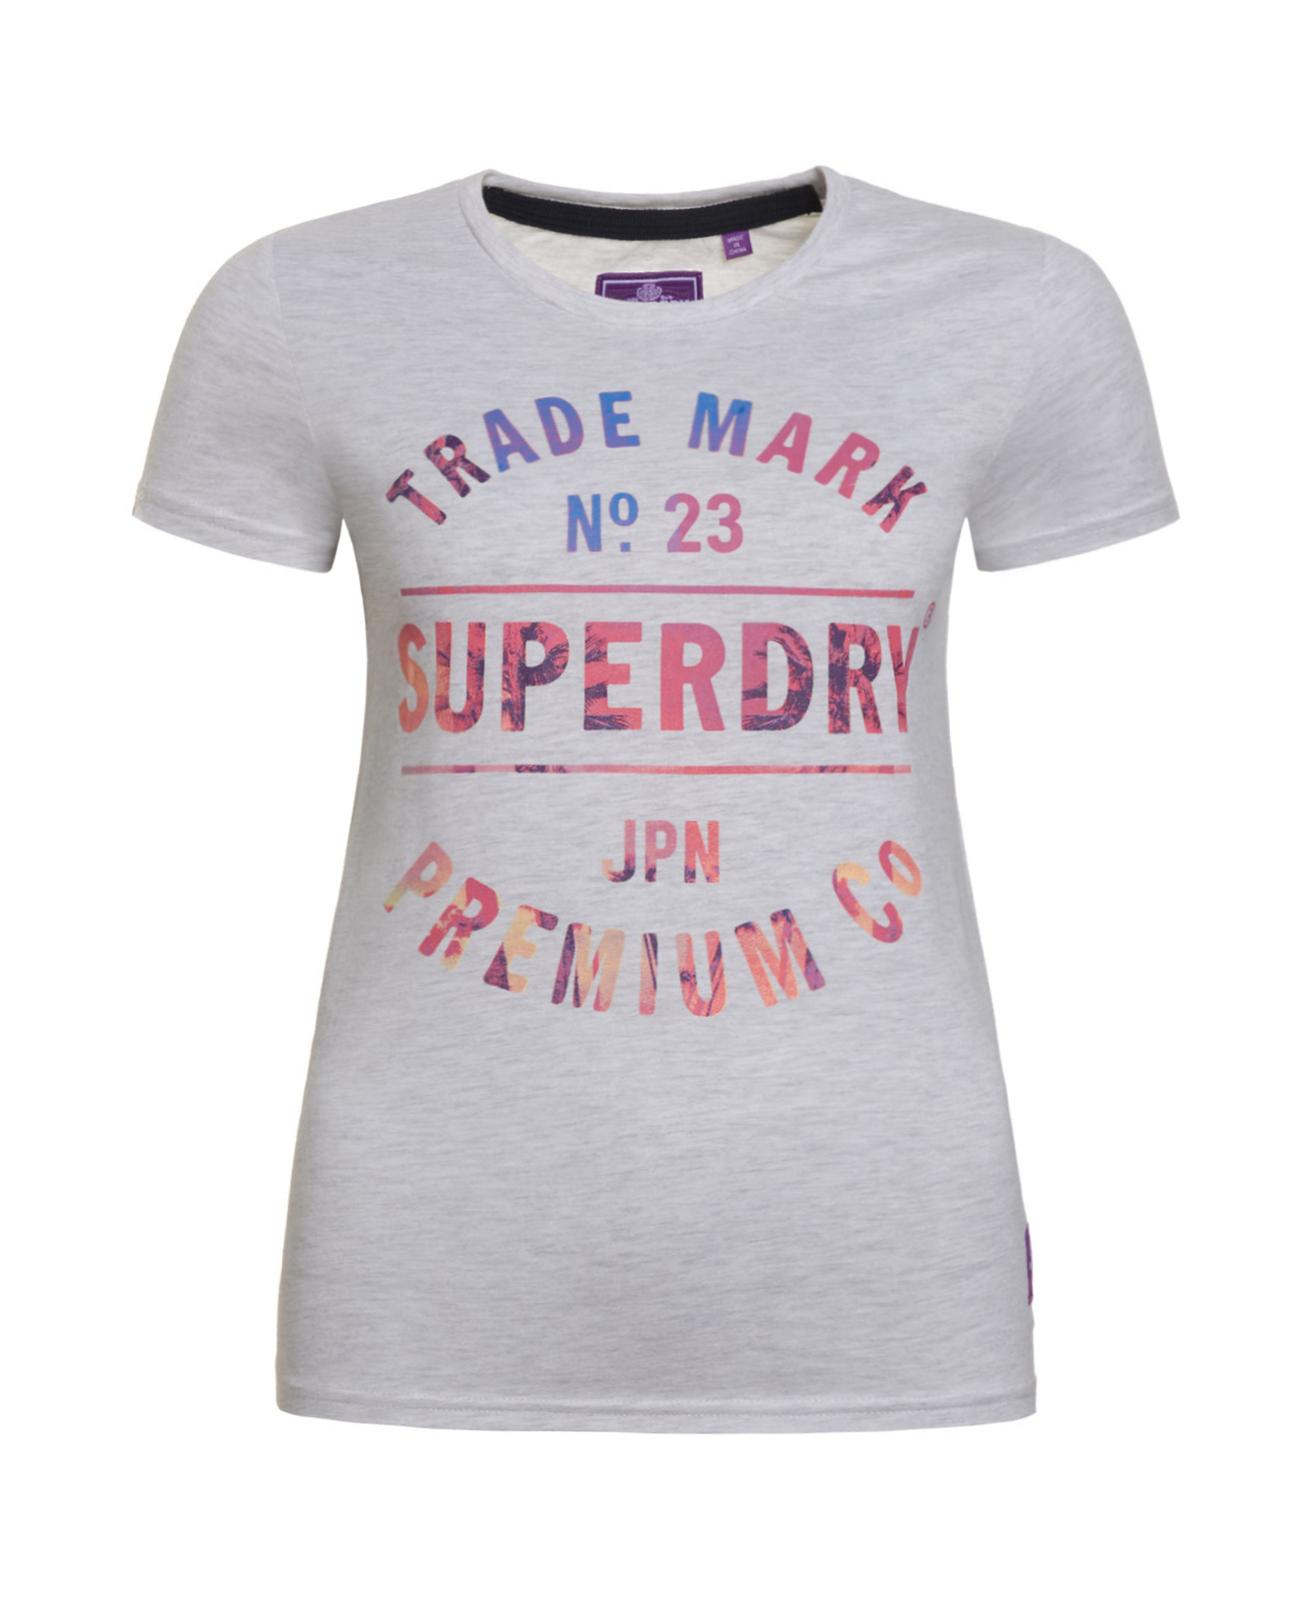 uusi halpa julkaisutiedot halpaa alennusta Details about New Womens Superdry Trademark No 23 Tee Ice Marl